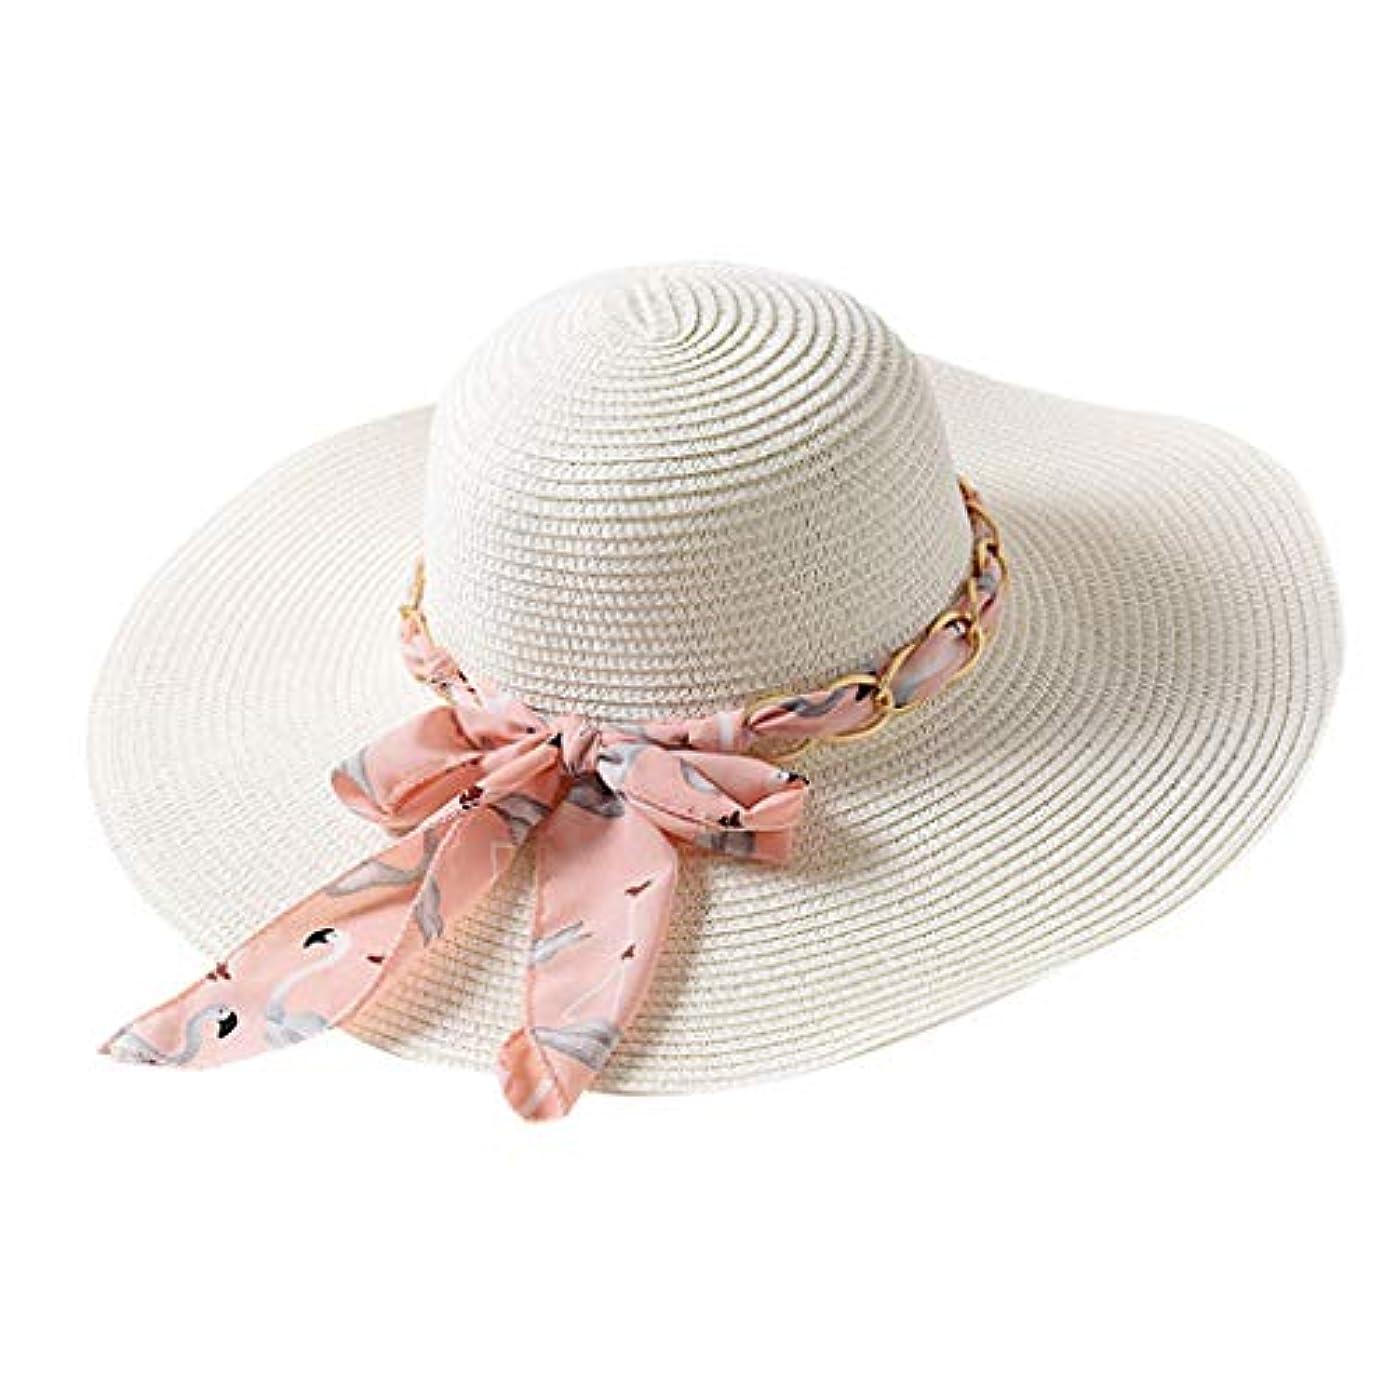 宇宙のリテラシー絶妙ファッション小物 夏 帽子 レディース UVカット 帽子 ハット レディース 紫外線対策 日焼け防止 取り外すあご紐 つば広 おしゃれ 可愛い 夏季 折りたたみ サイズ調節可 旅行 女優帽 小顔効果抜群 ROSE ROMAN